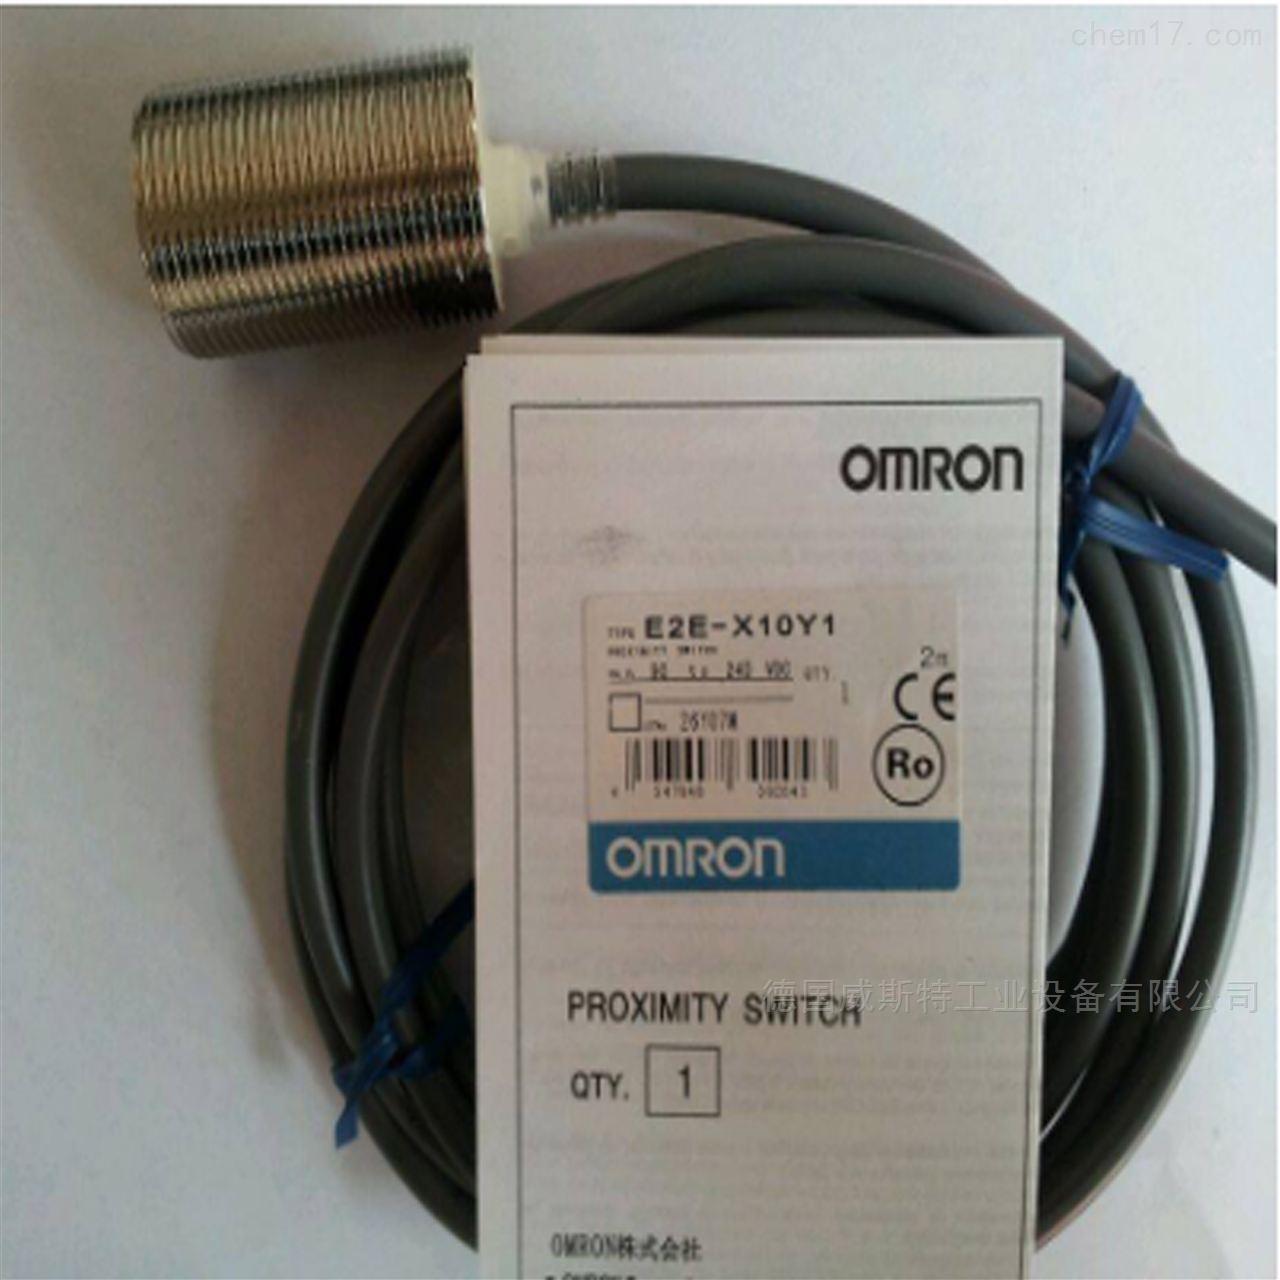 OMRON欧姆龙接近开关E2E-X1R5D1/E2E-X1R5D2